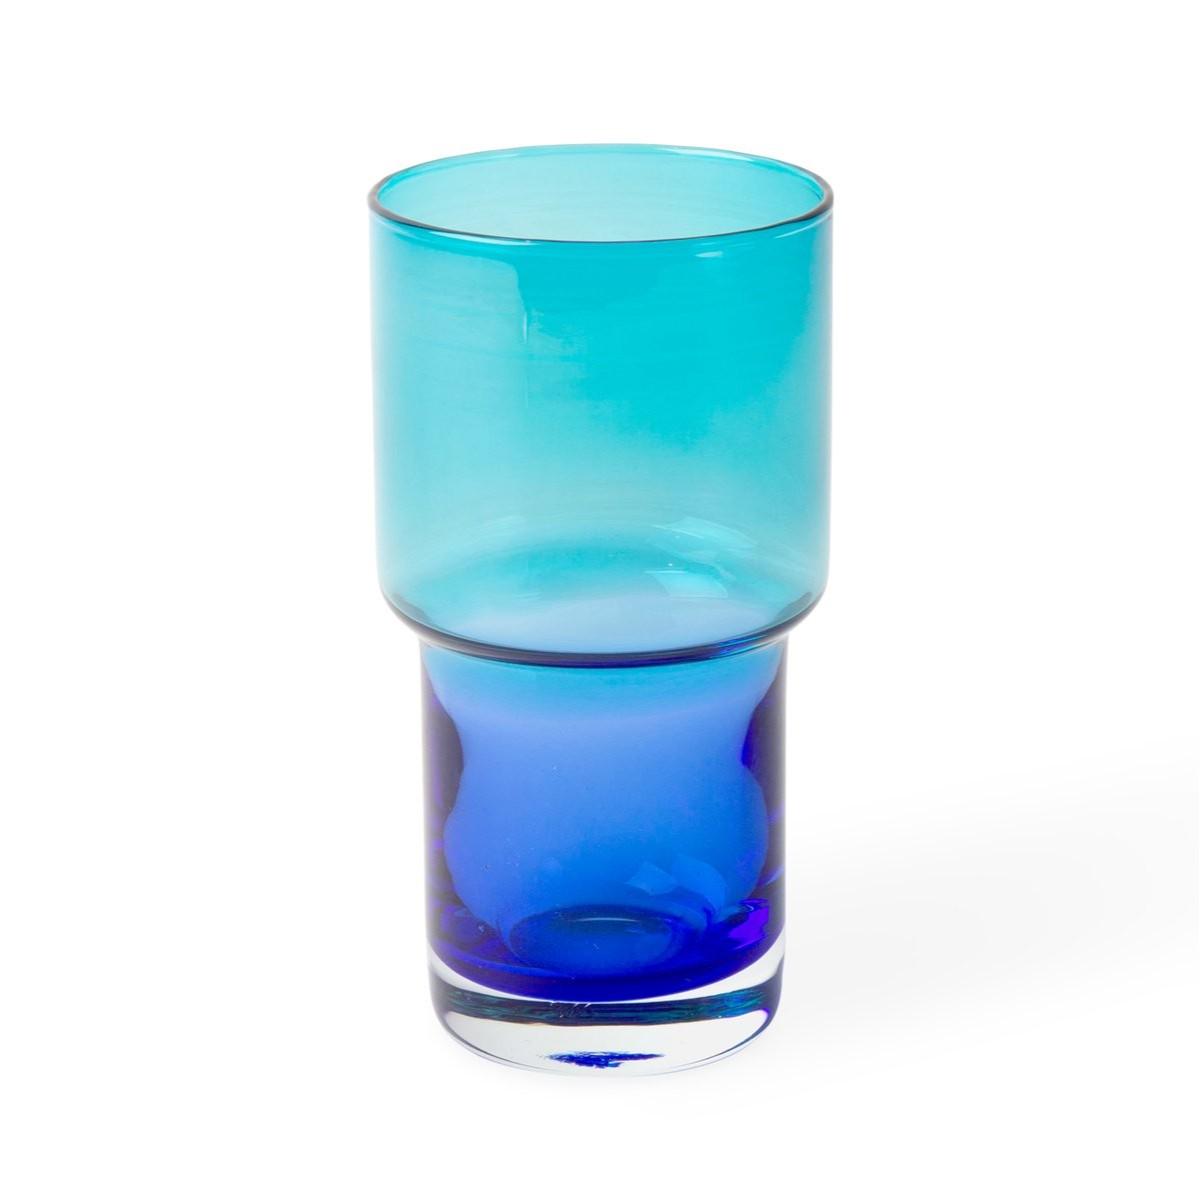 Jonathan Adler | Stockholm High Ball Glass